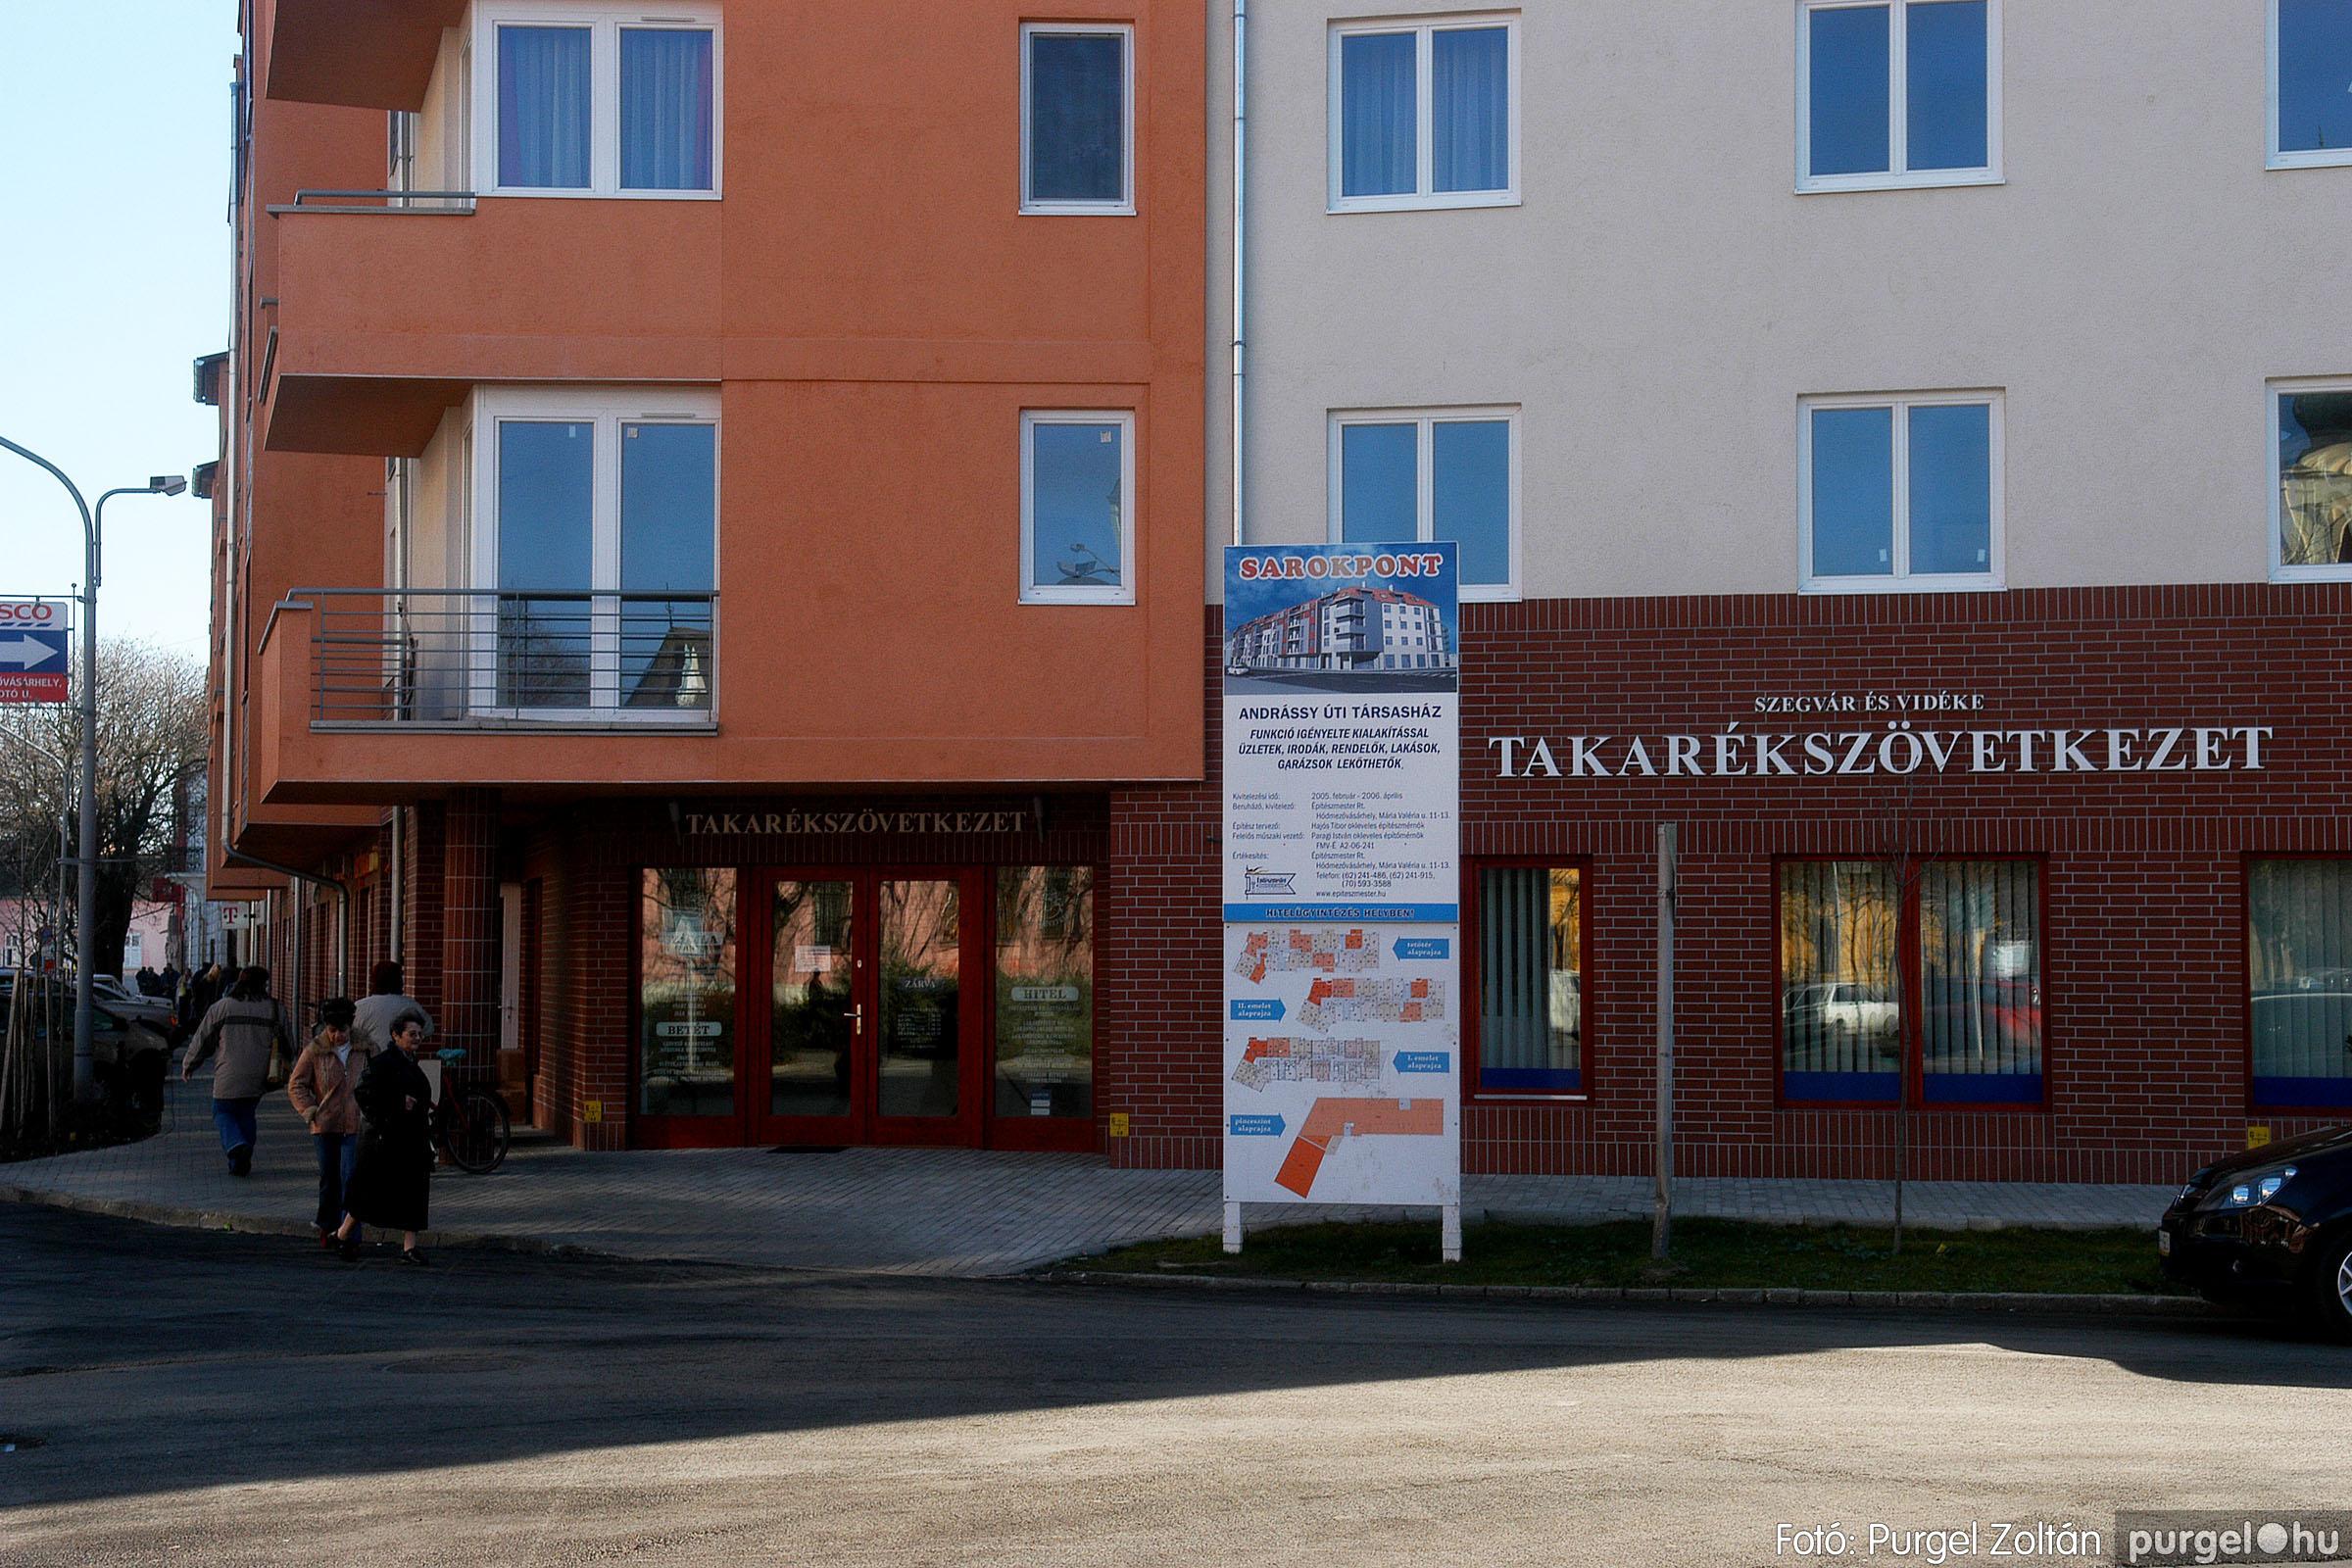 2007.02.02. 001 Szegvár és Vidéke Tak. hódmezővásárhelyi kirendeltségének megnyitója.jpg